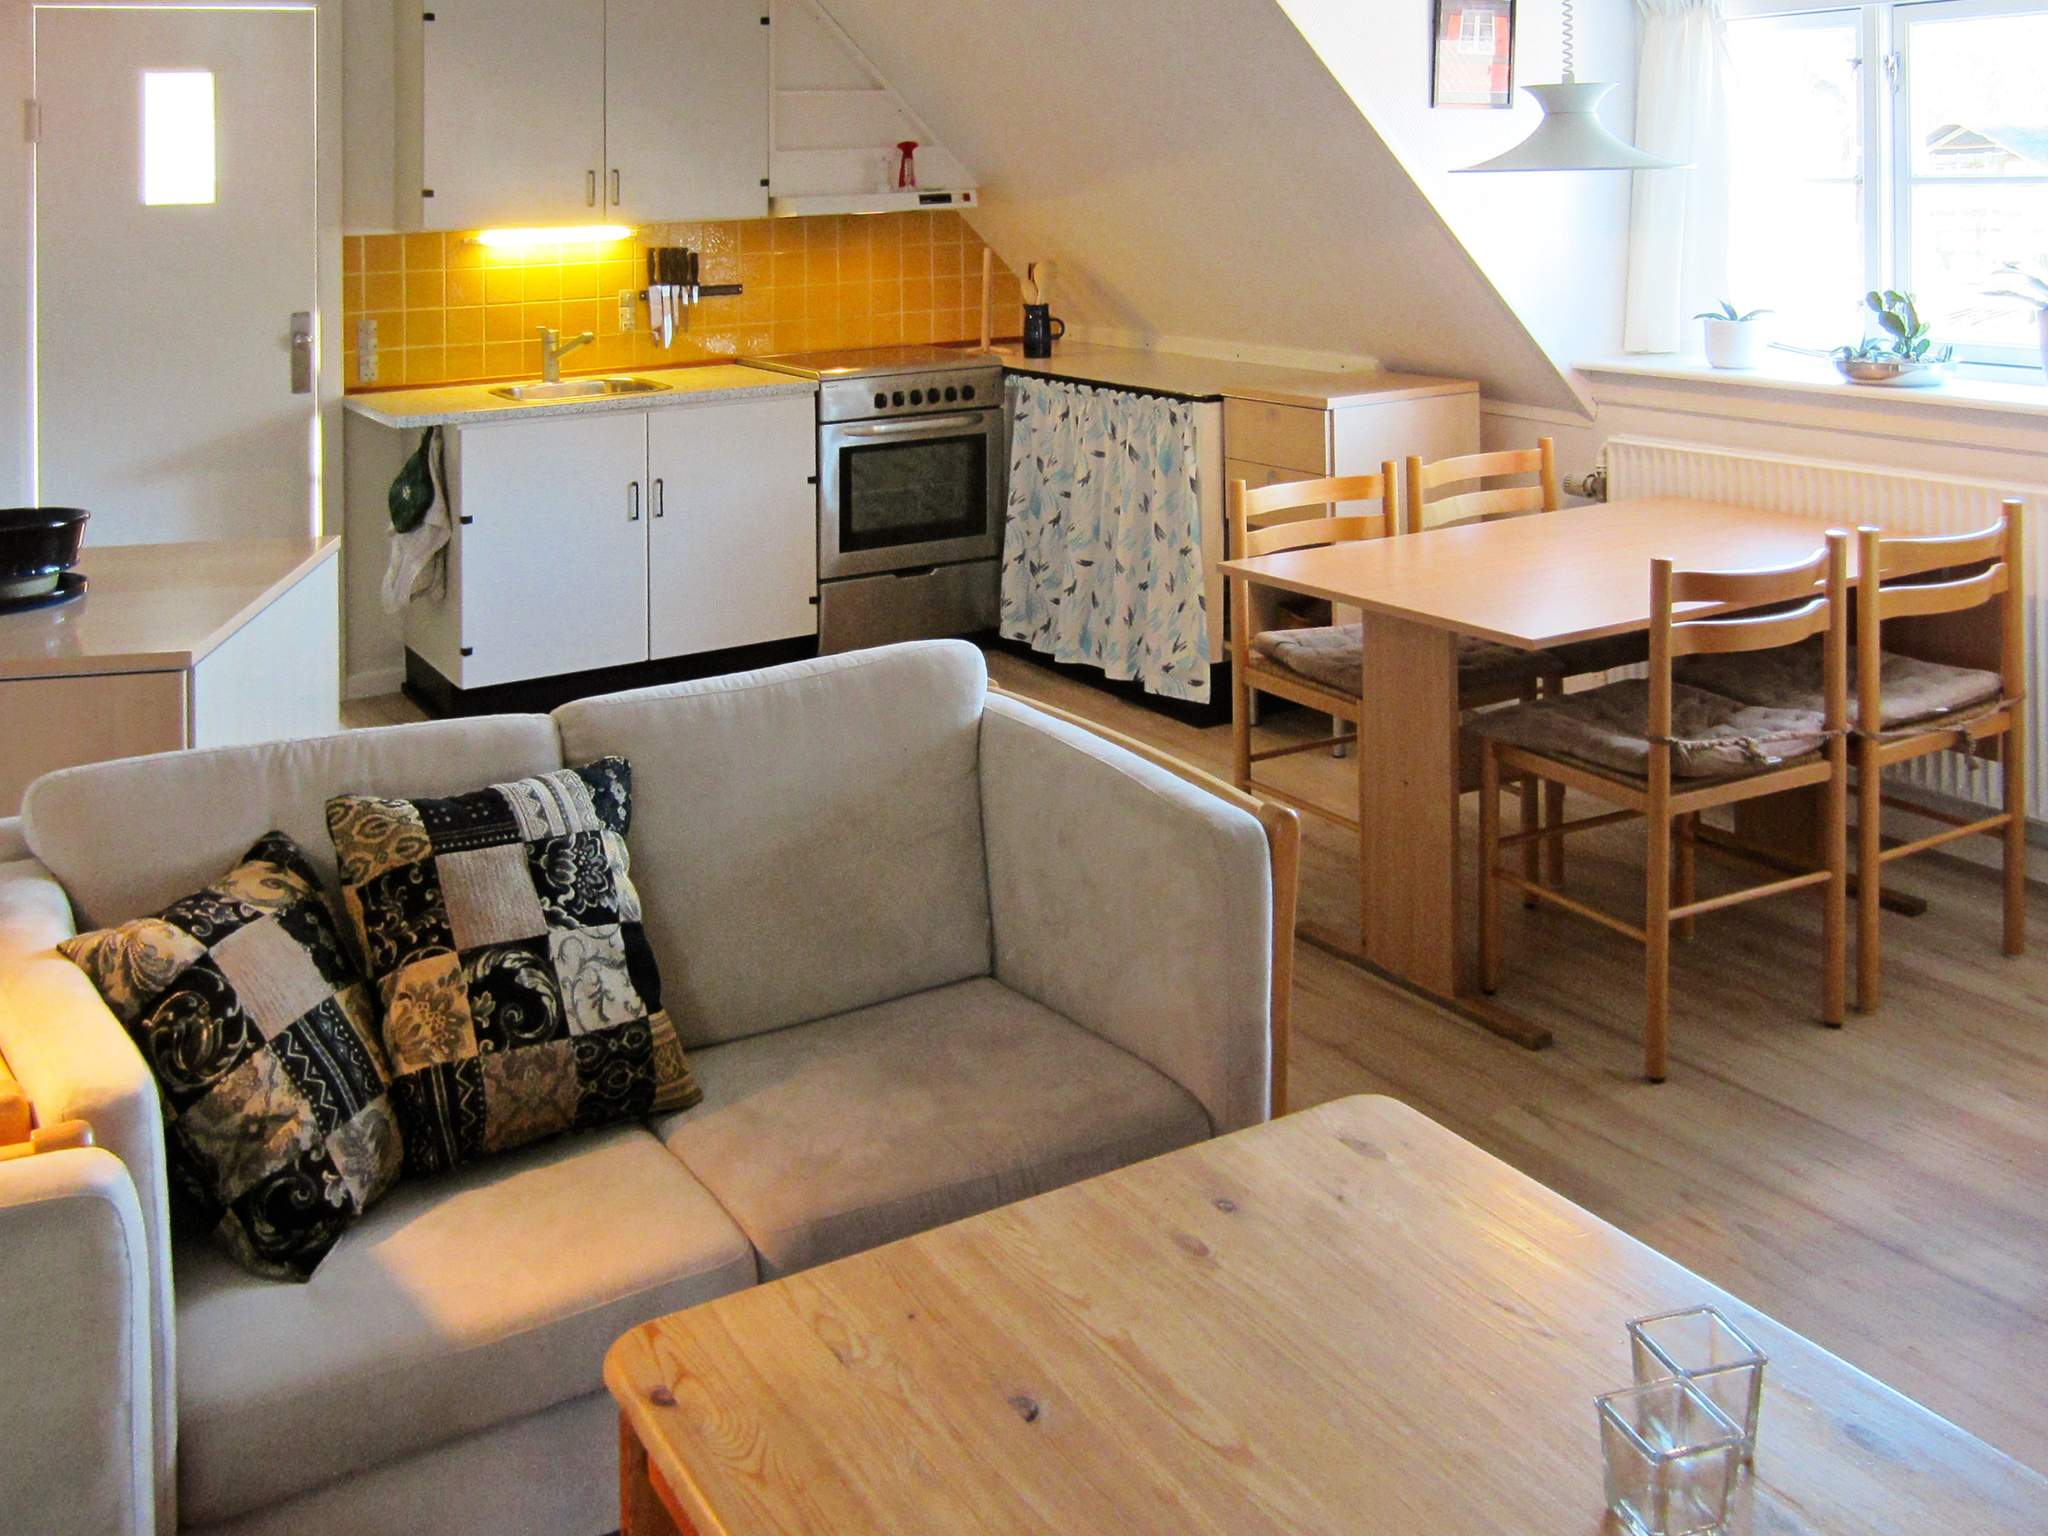 Ferienwohnung Balka Strand (967678), Balke, , Bornholm, Dänemark, Bild 31